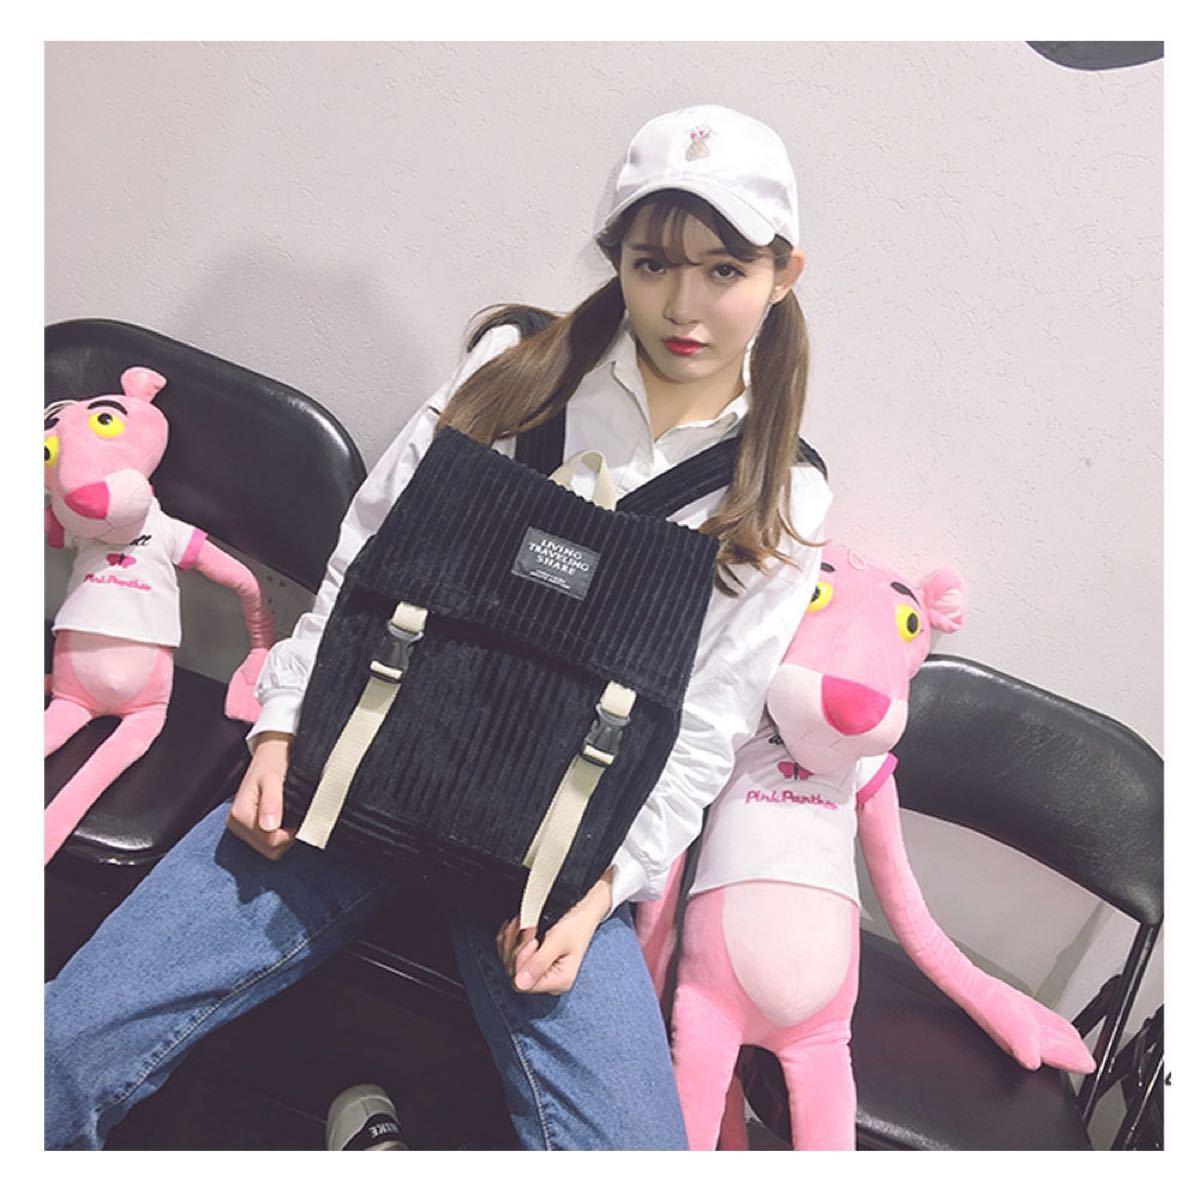 リュック リュックバッグ レディースバッグ おしゃれ 大容量 通学 通勤 旅行 韓国風 大容量 2way